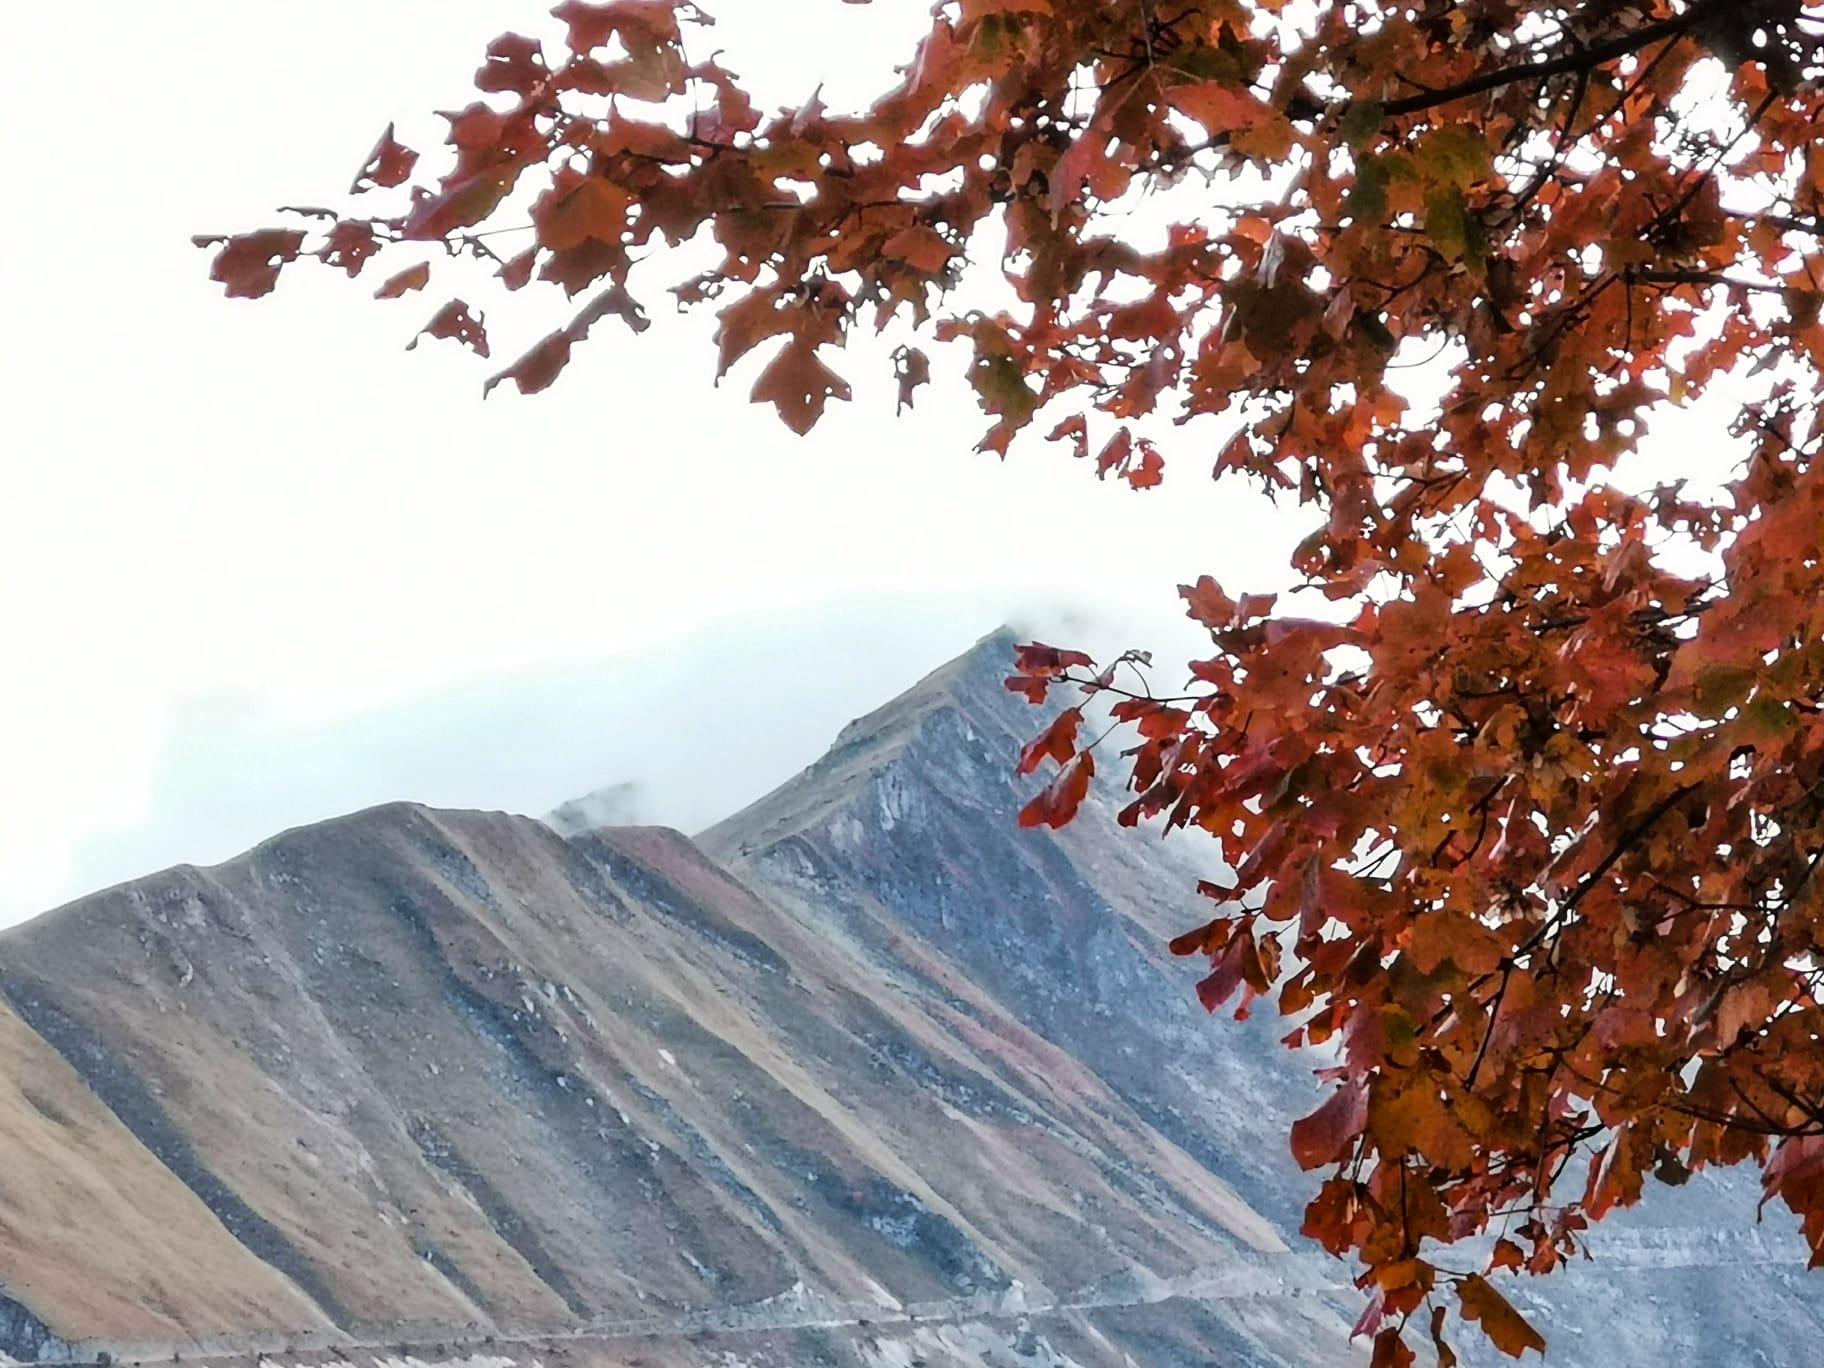 :. 31/10 – Escursione Pomeridiana Emozioni d'Autunno: Fonte dell'aquila